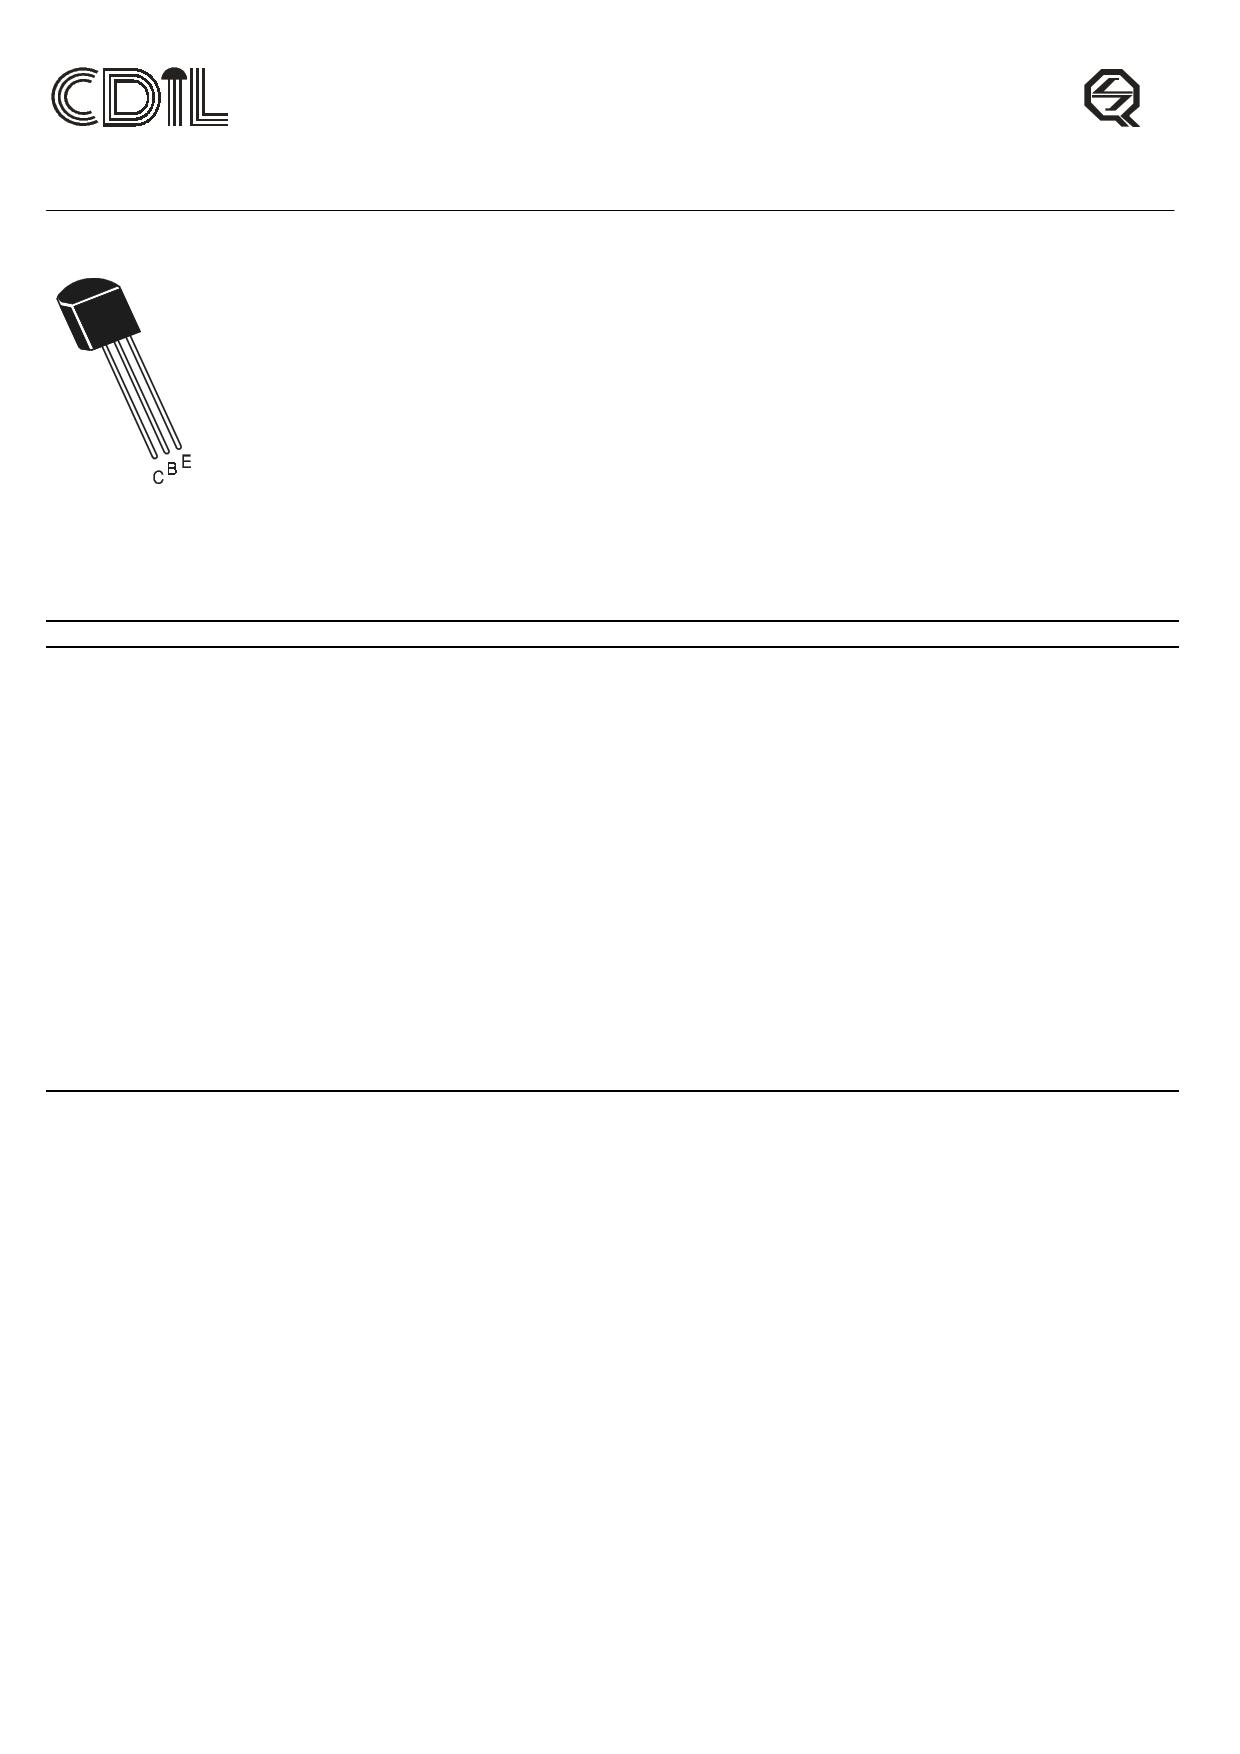 BC446 데이터시트 및 BC446 PDF